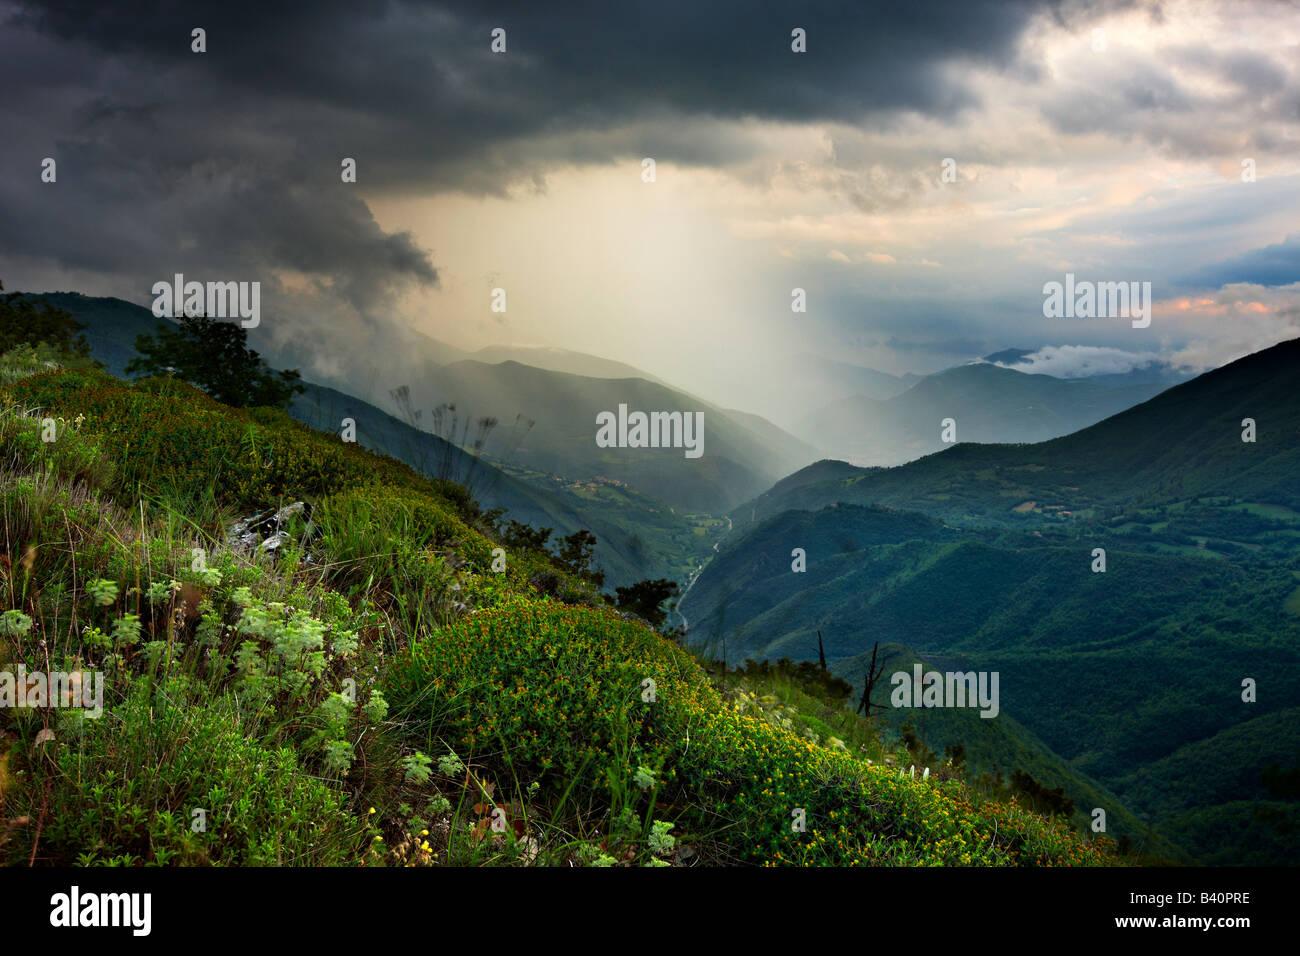 Una tormenta de primavera en la Valnerina cerca Meggiano, Umbría. Imagen De Stock